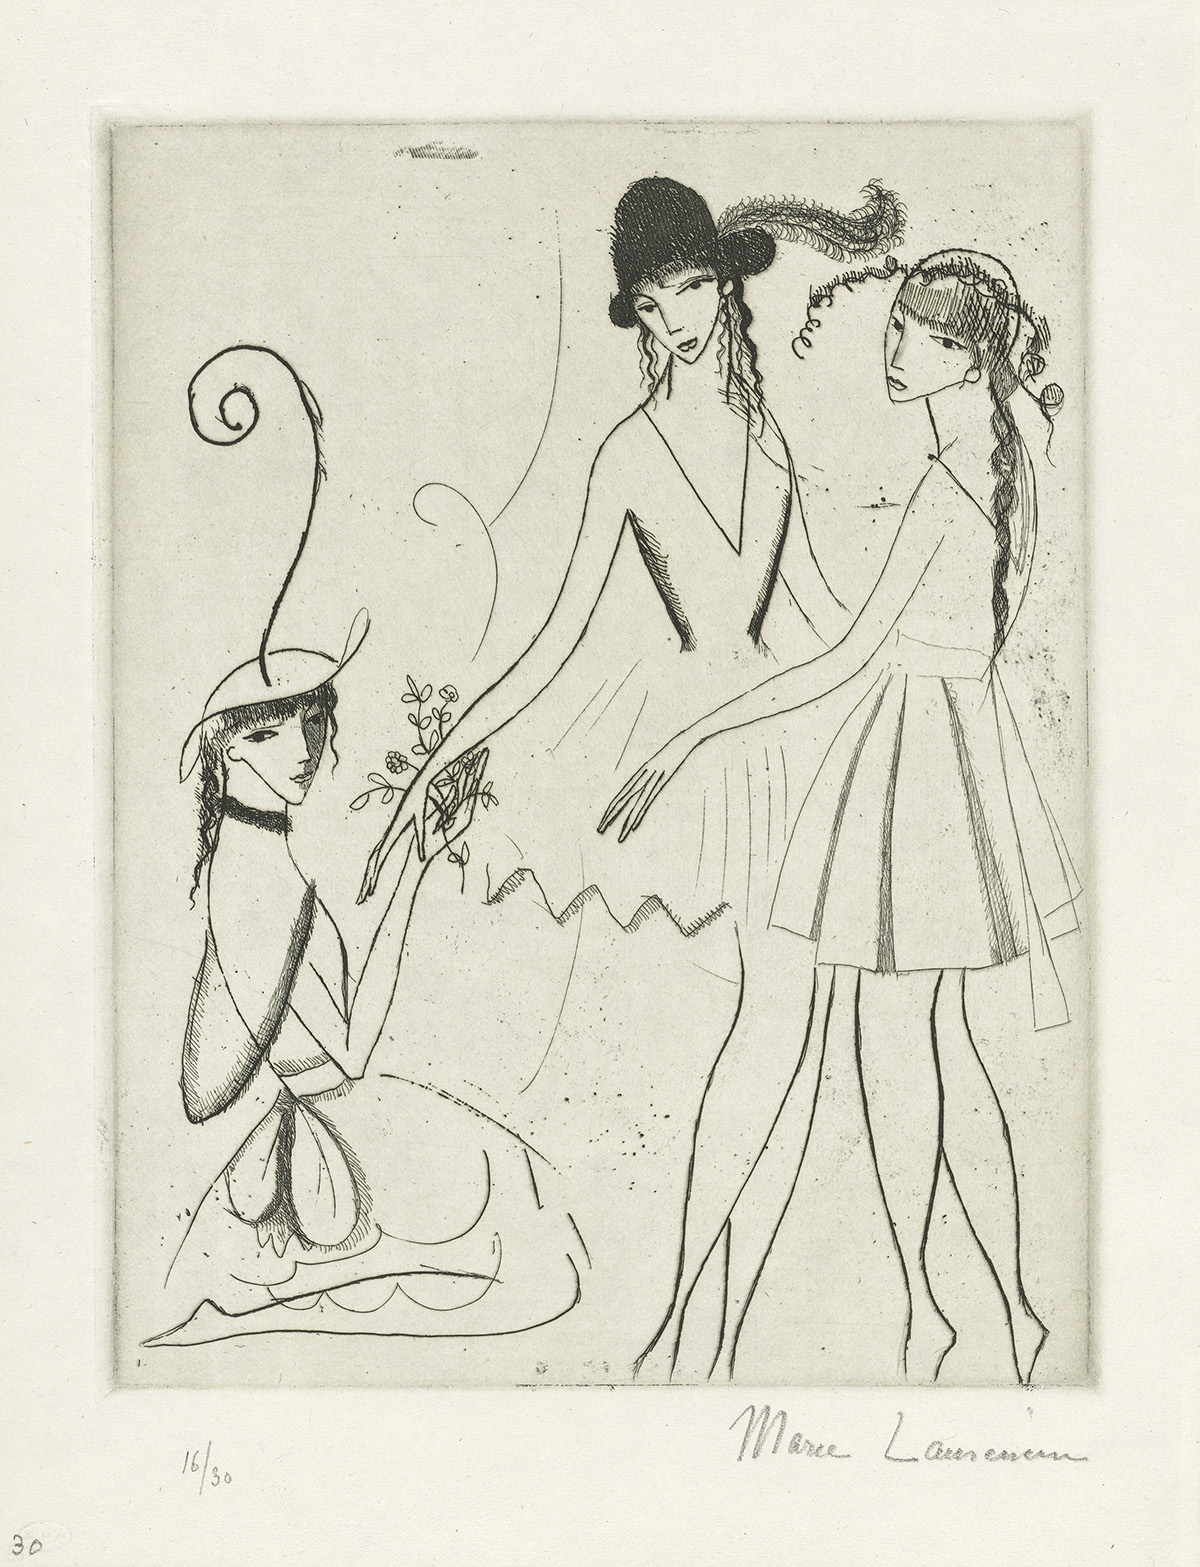 MARIE-LAURENCIN-Iphigénie-(ou-Les-Trois-Danseuses)